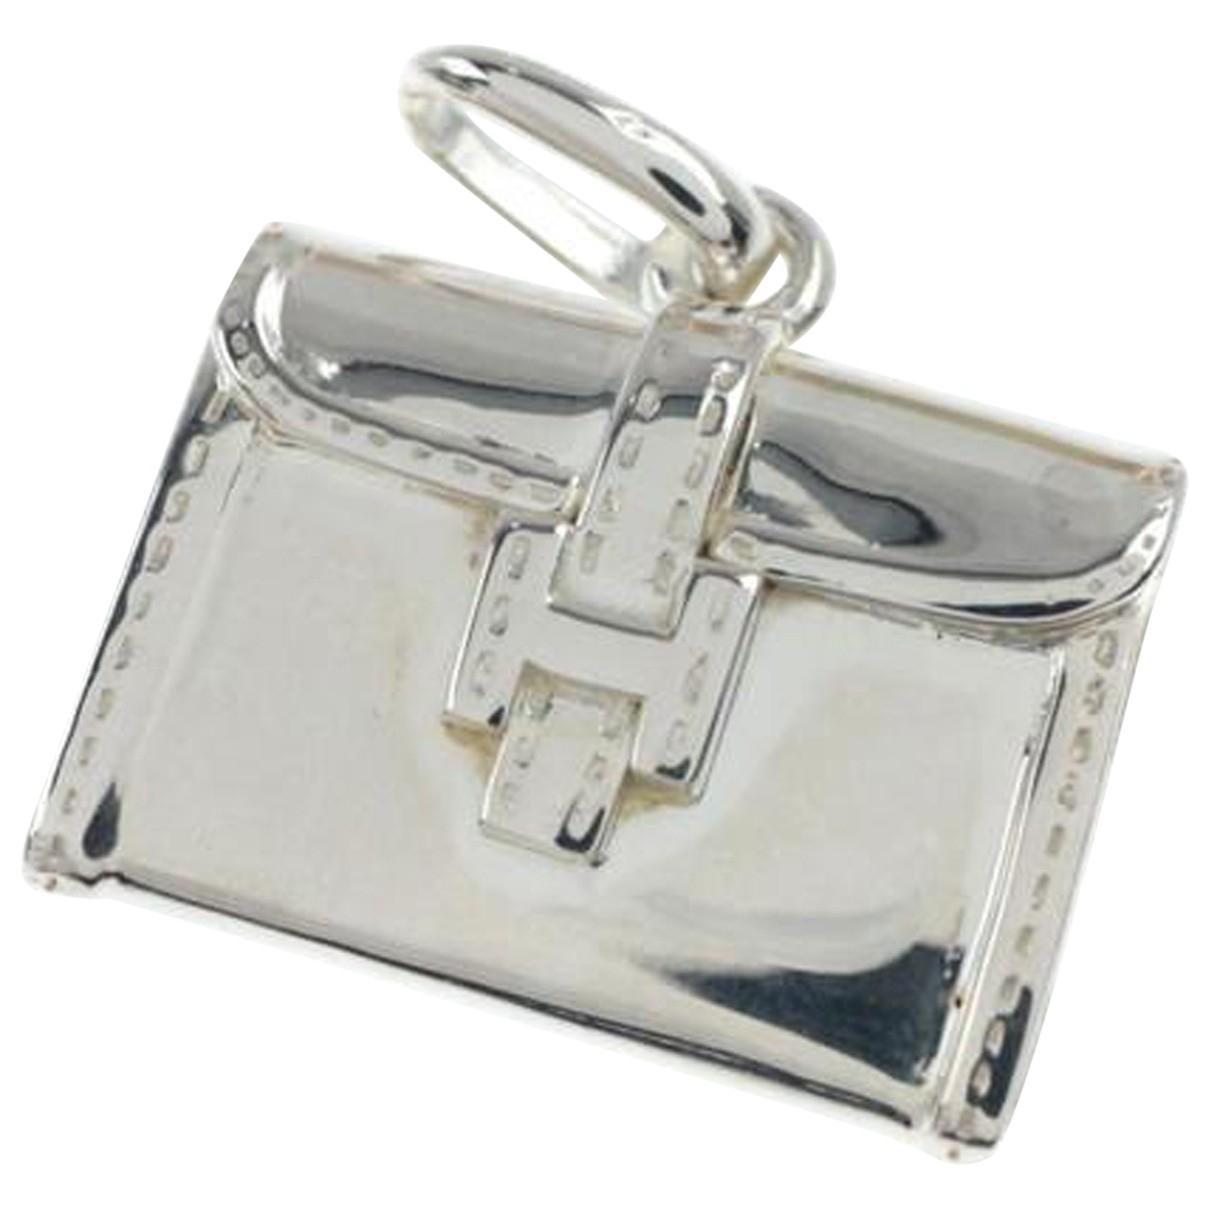 Hermes Amulette Anhaenger in  Silber Leder